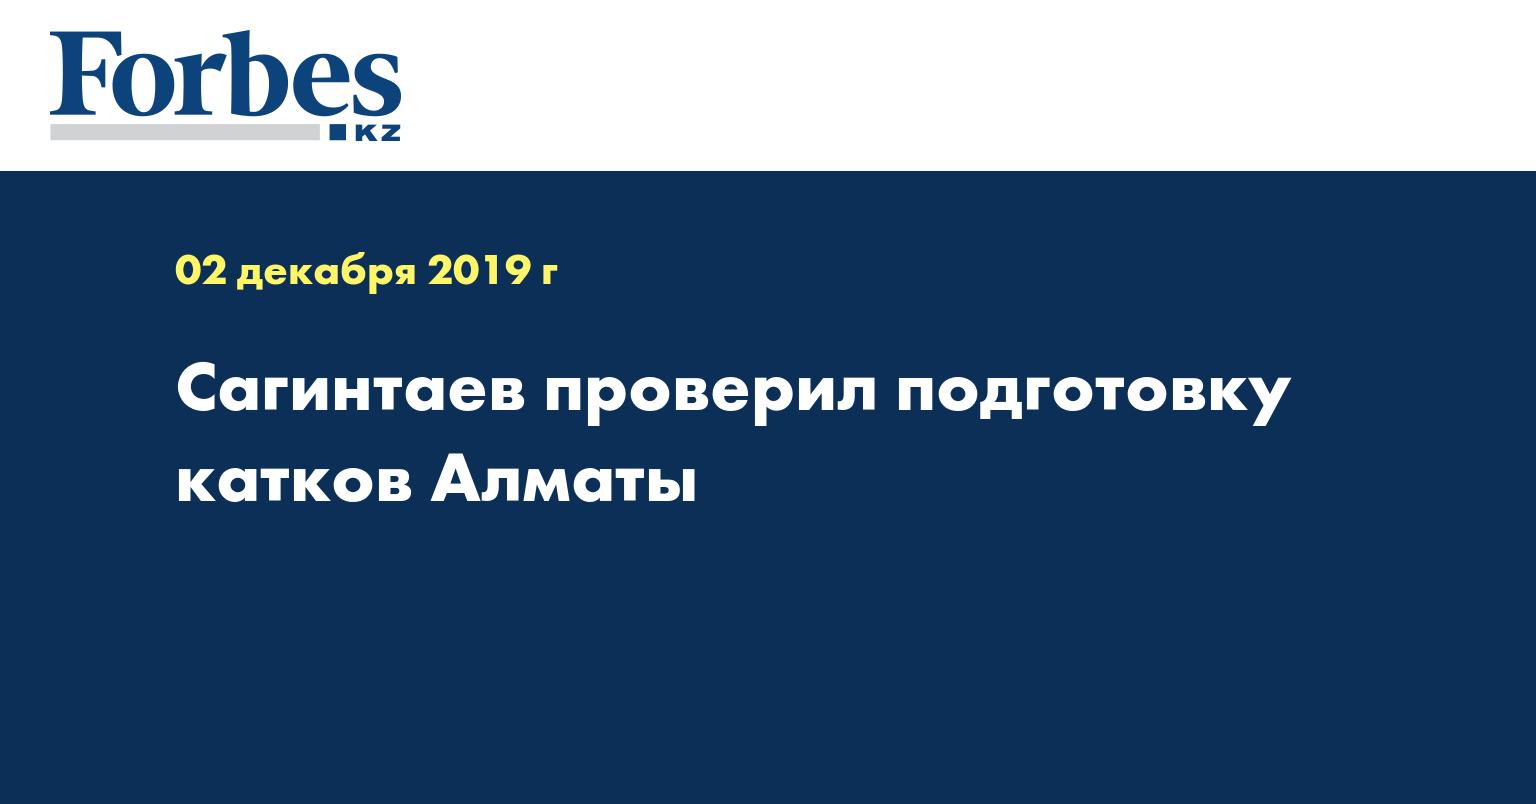 Сагинтаев проверил подготовку катков Алматы